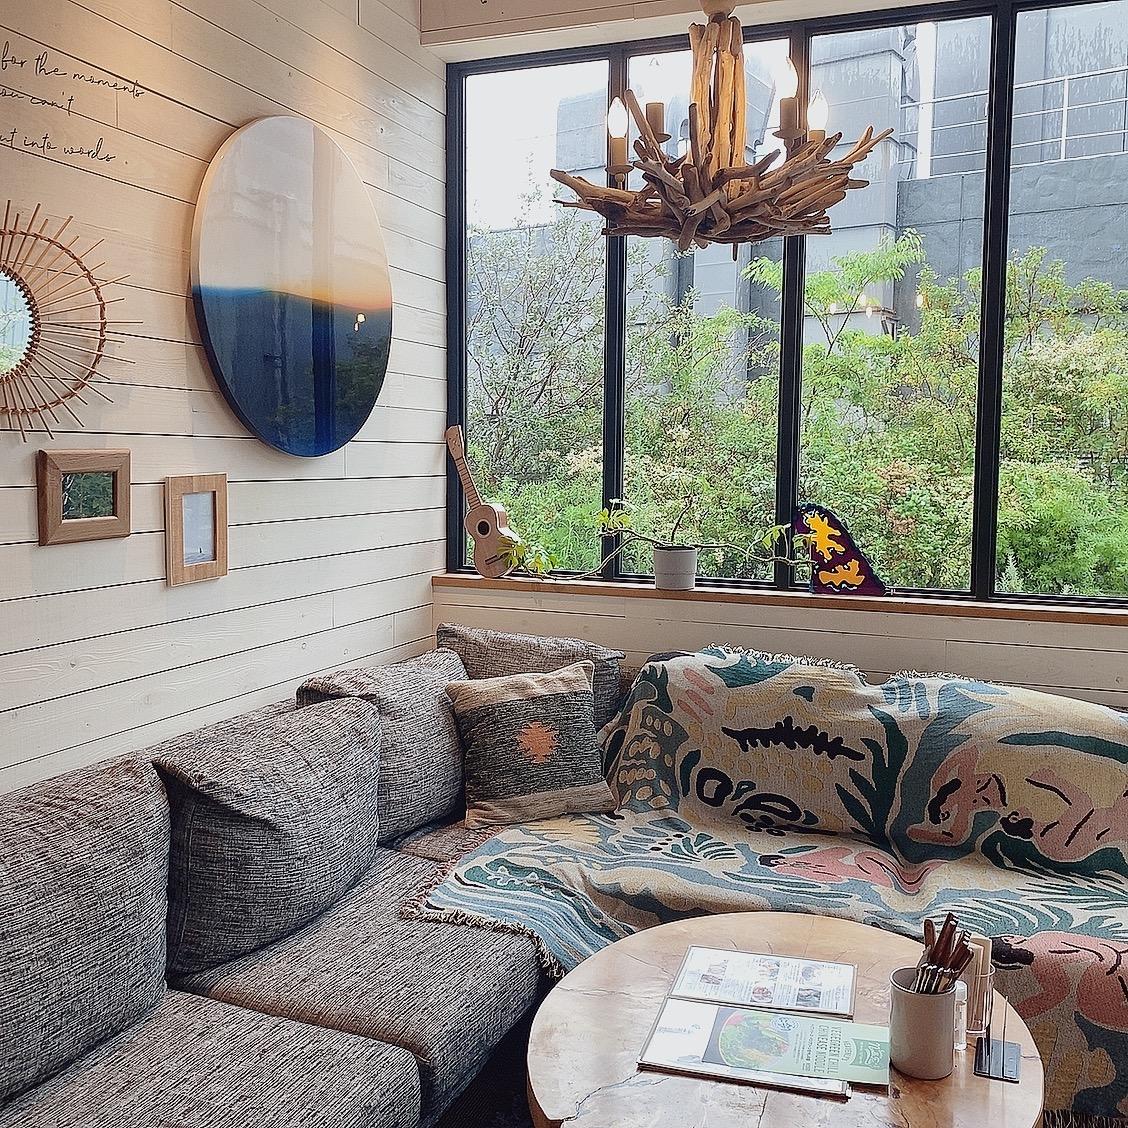 【代官山でモーニング】ハワイ風おしゃれカフェを紹介♡_1